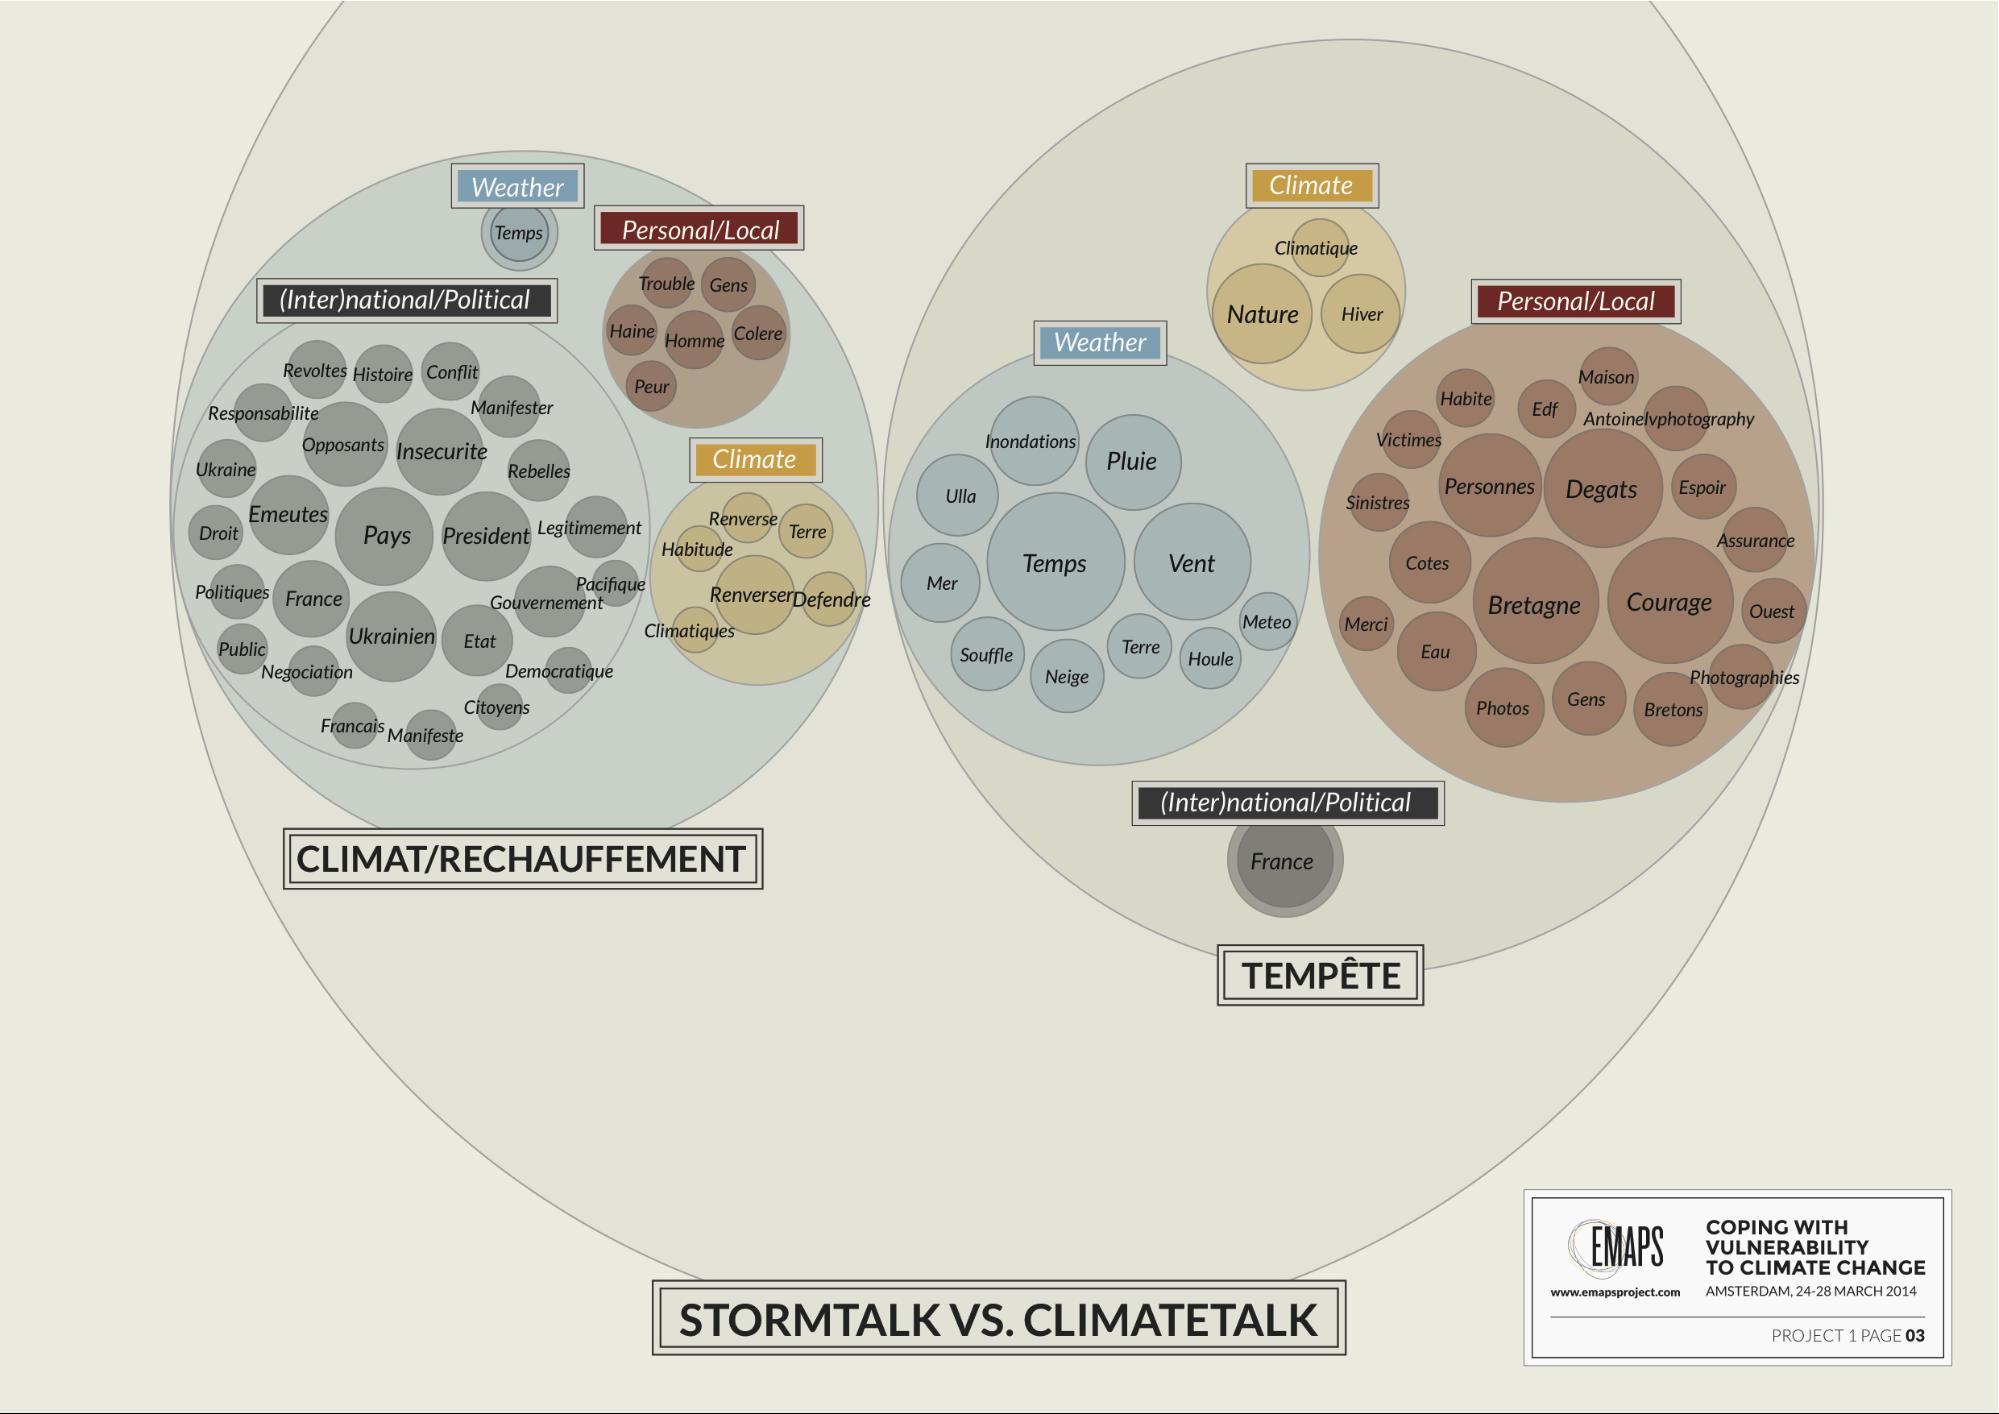 stormtalk vs climatetalk_def.jpg